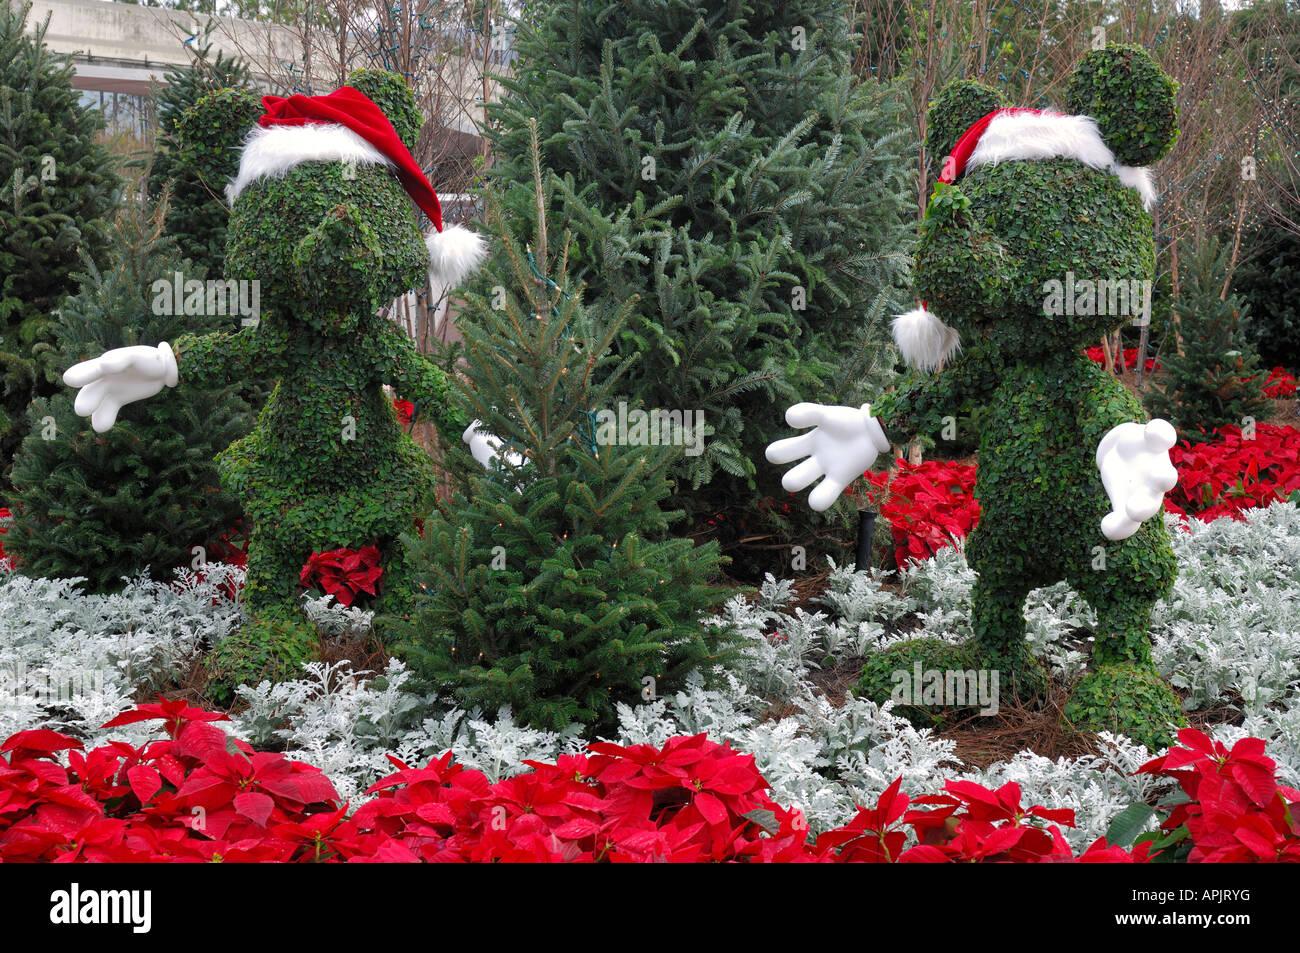 Christmas Topiary.Christmas Topiary At Epcor In Disney World Florida Usa Stock